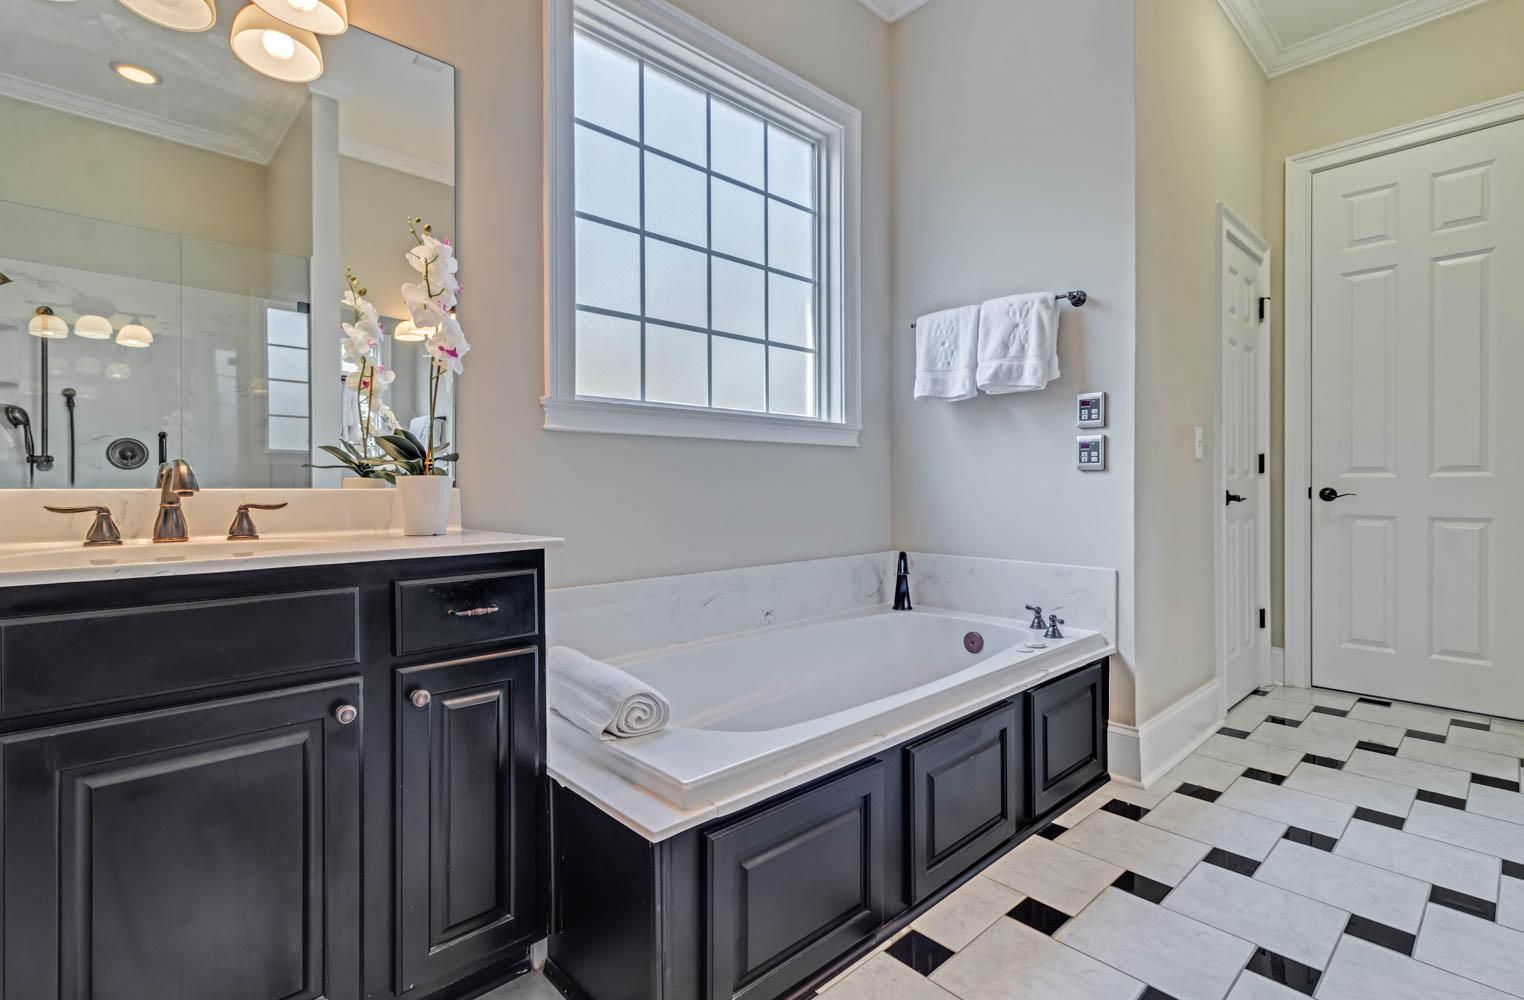 Dunes West Homes For Sale - 2721 Fountainhead, Mount Pleasant, SC - 45